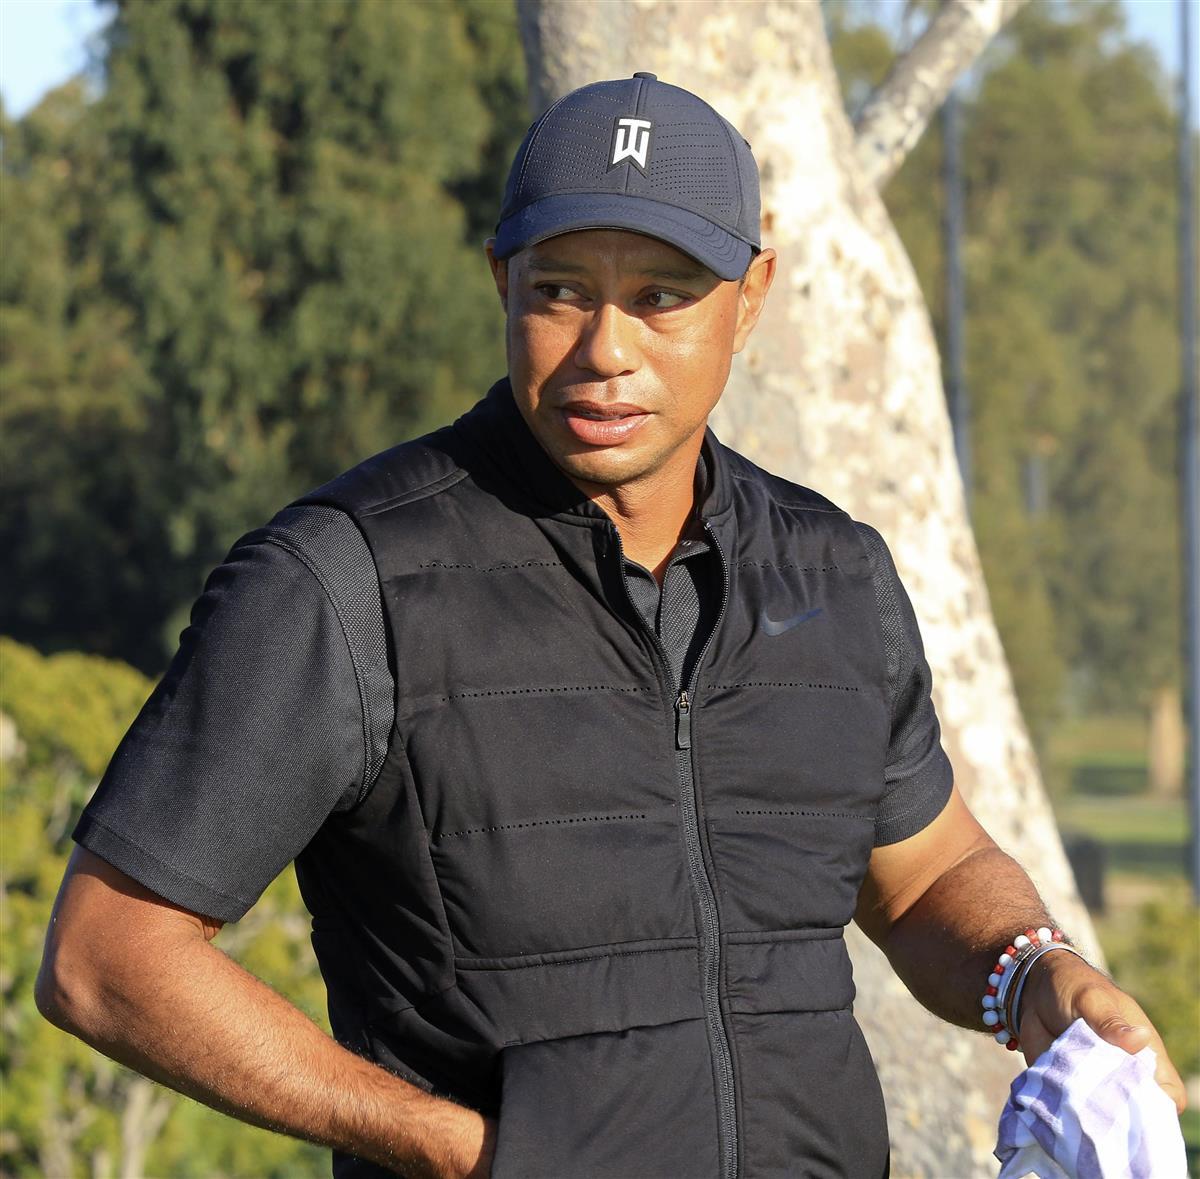 米男子ゴルフのジェネシス招待最終日、表彰式に登場した大会ホストのタイガー・ウッズ選手=21日、米カリフォルニア州パシフィックパリセーズのリビエラCC(共同)